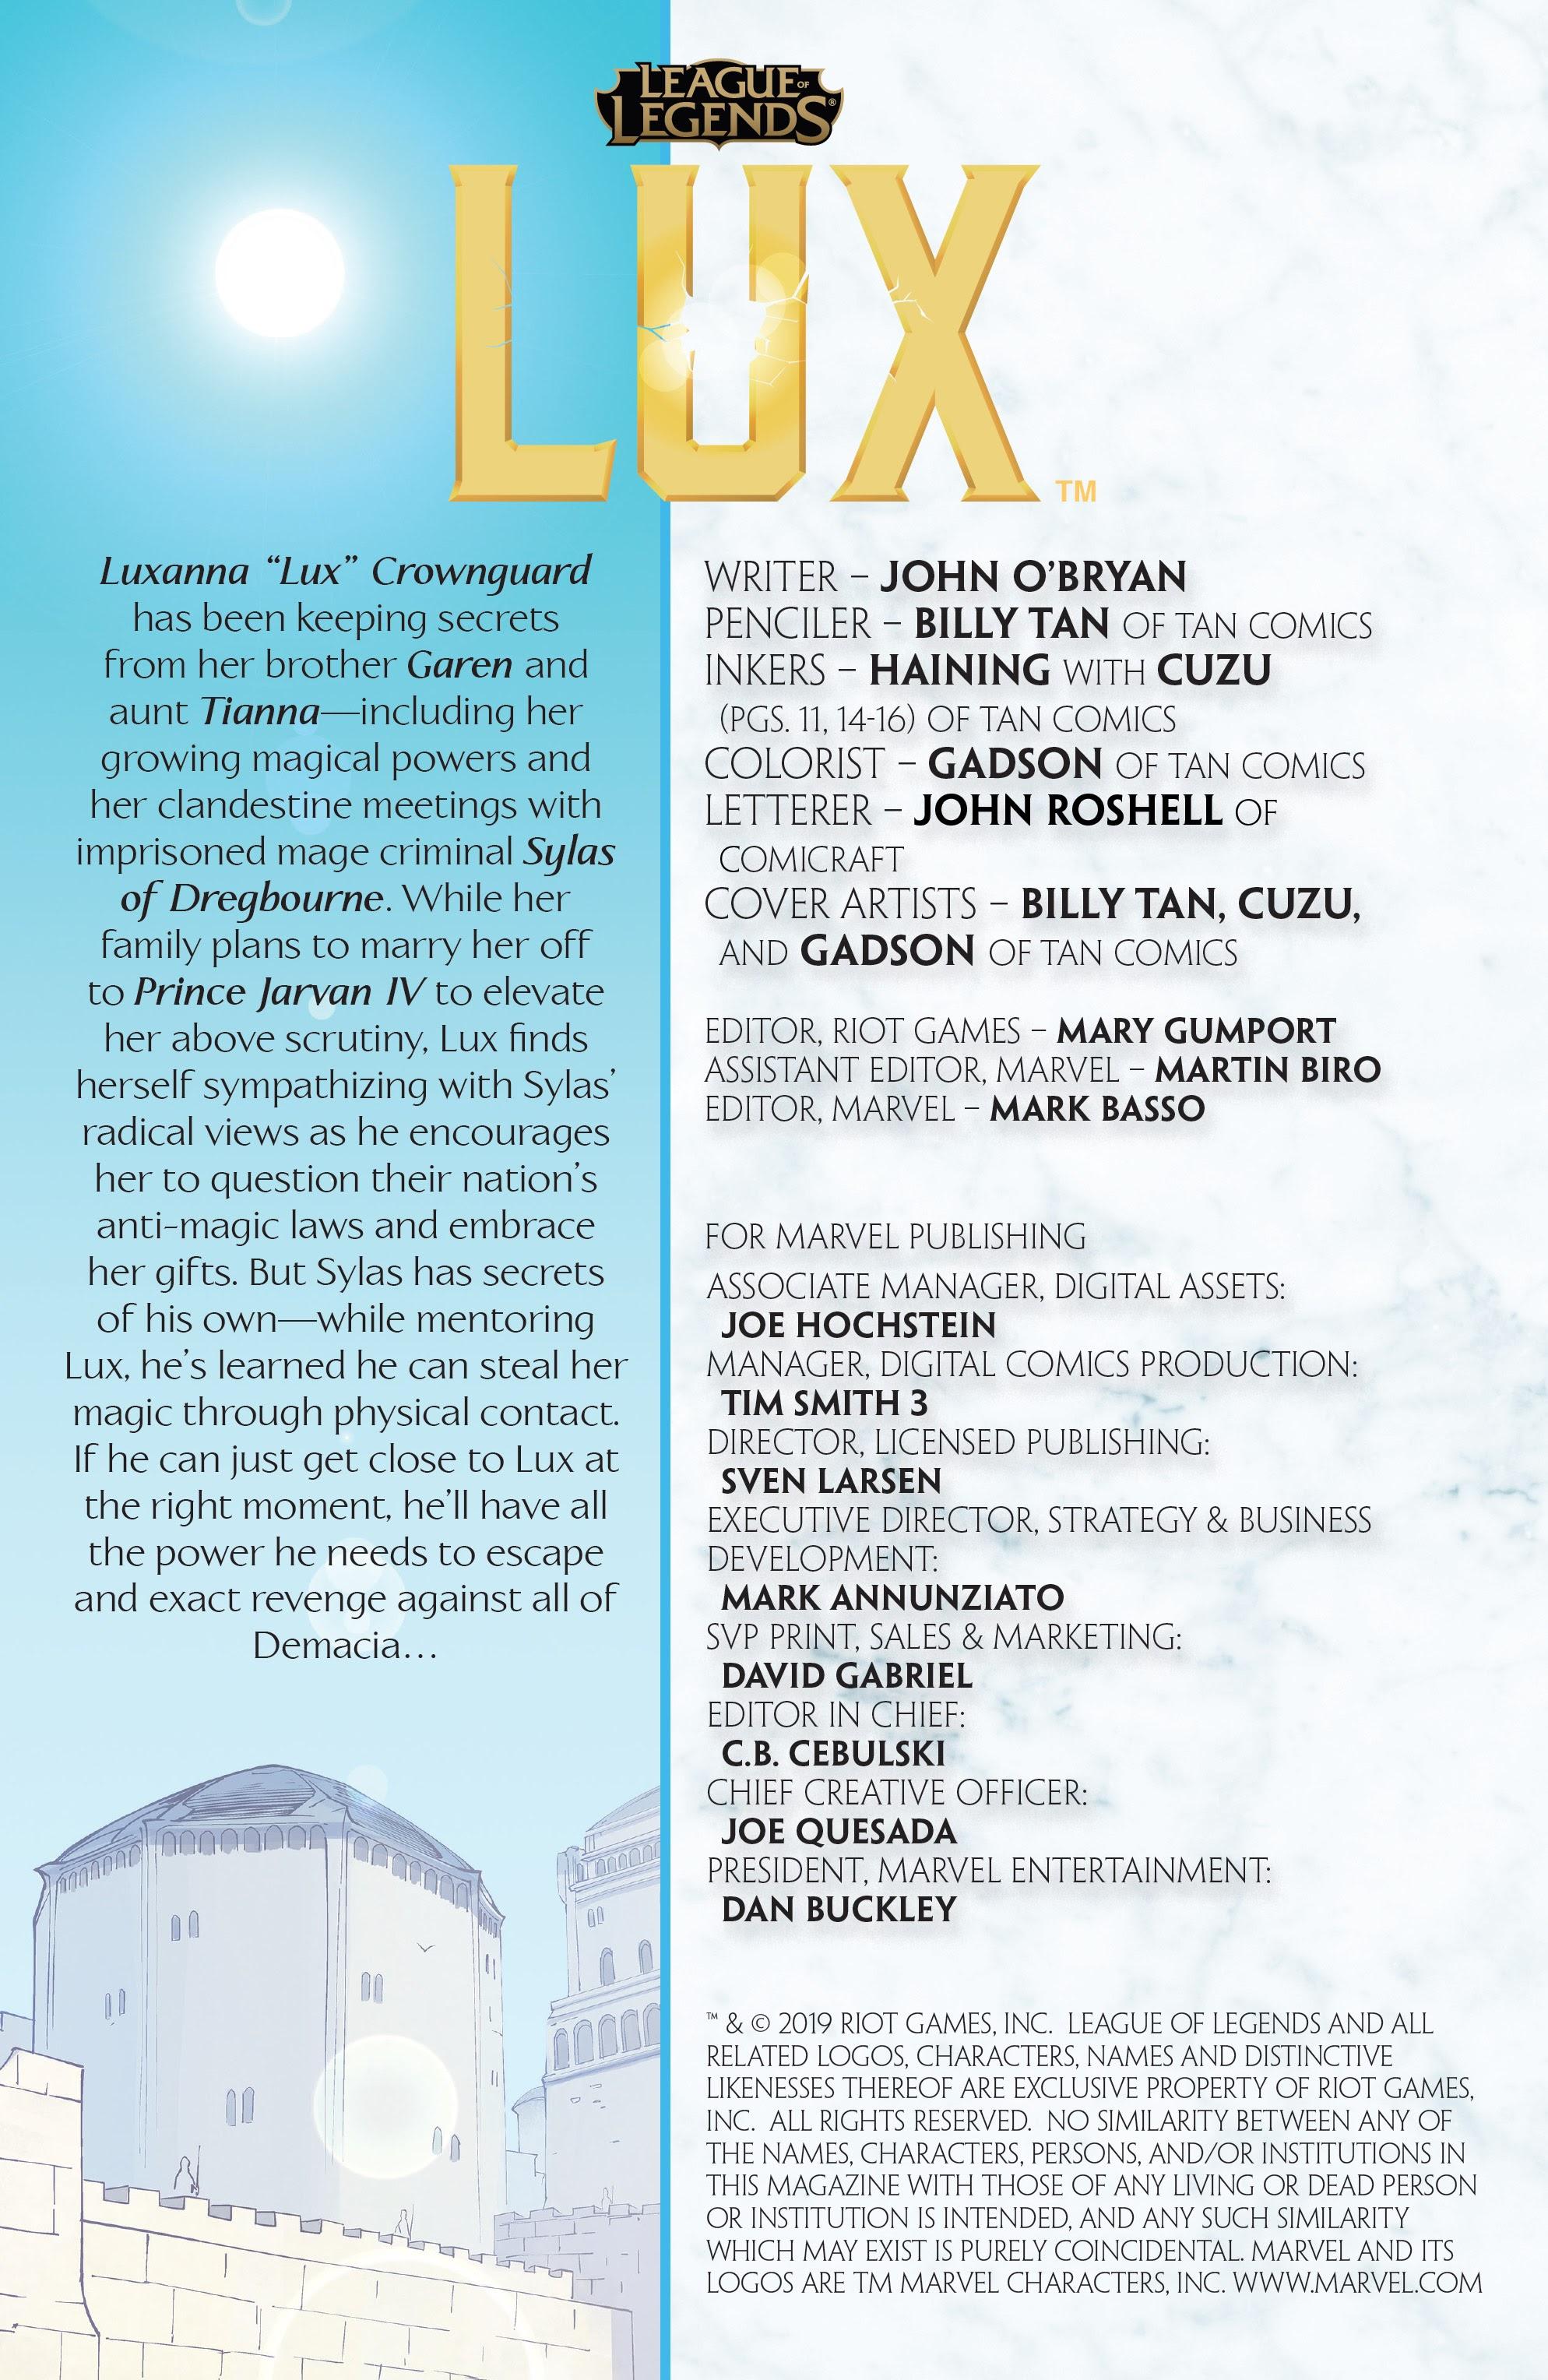 League of Legends: Lux 3 Page 2